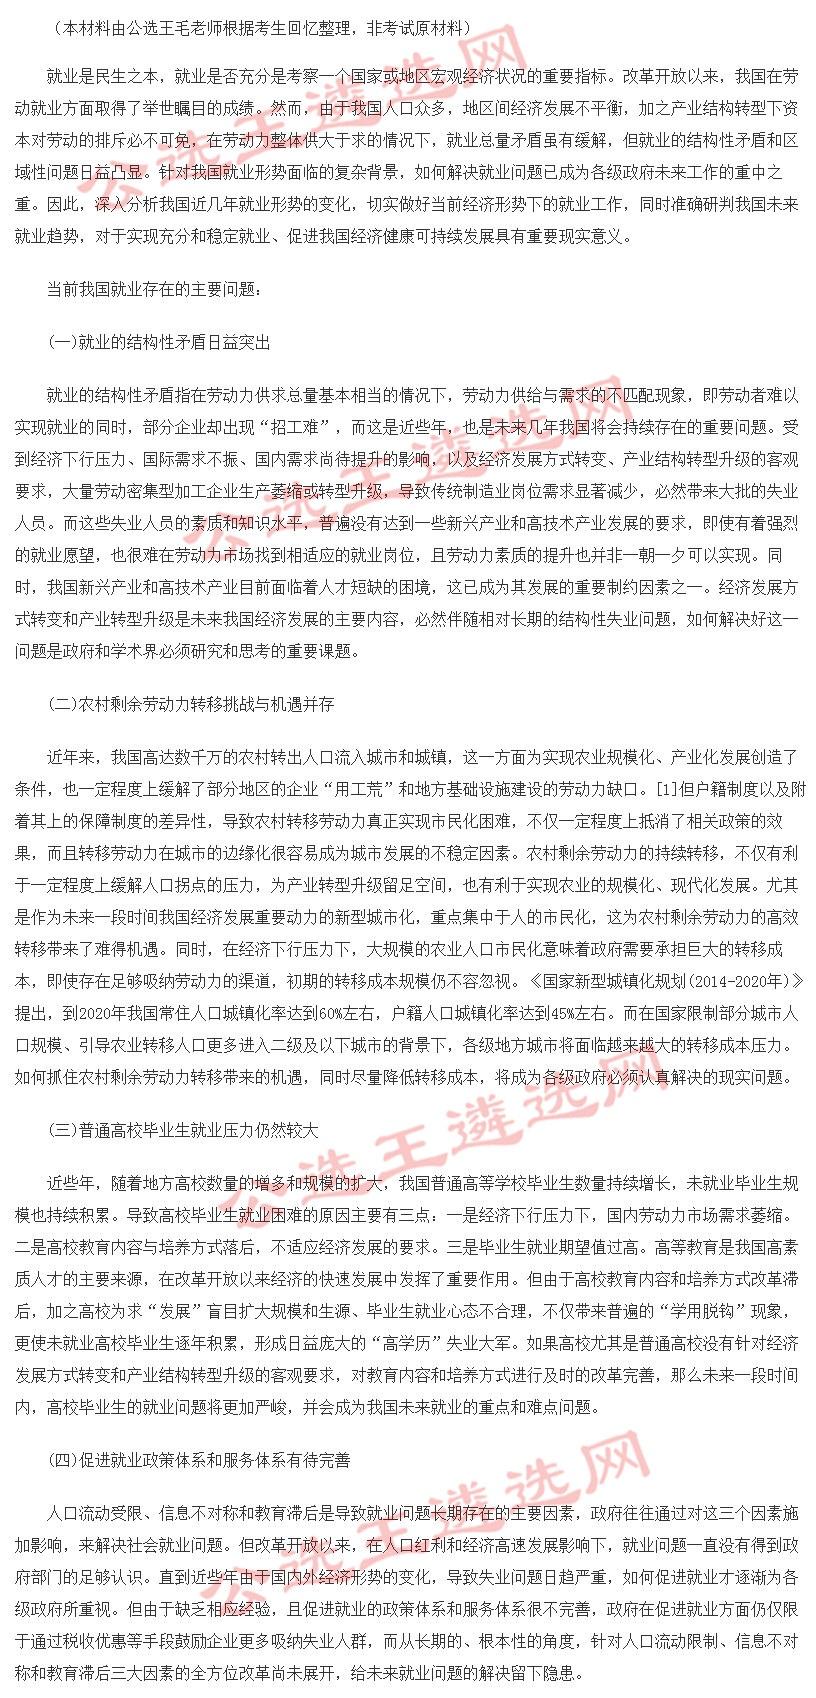 2018年5月12日山西晋中市直遴选笔试真题1.jpg